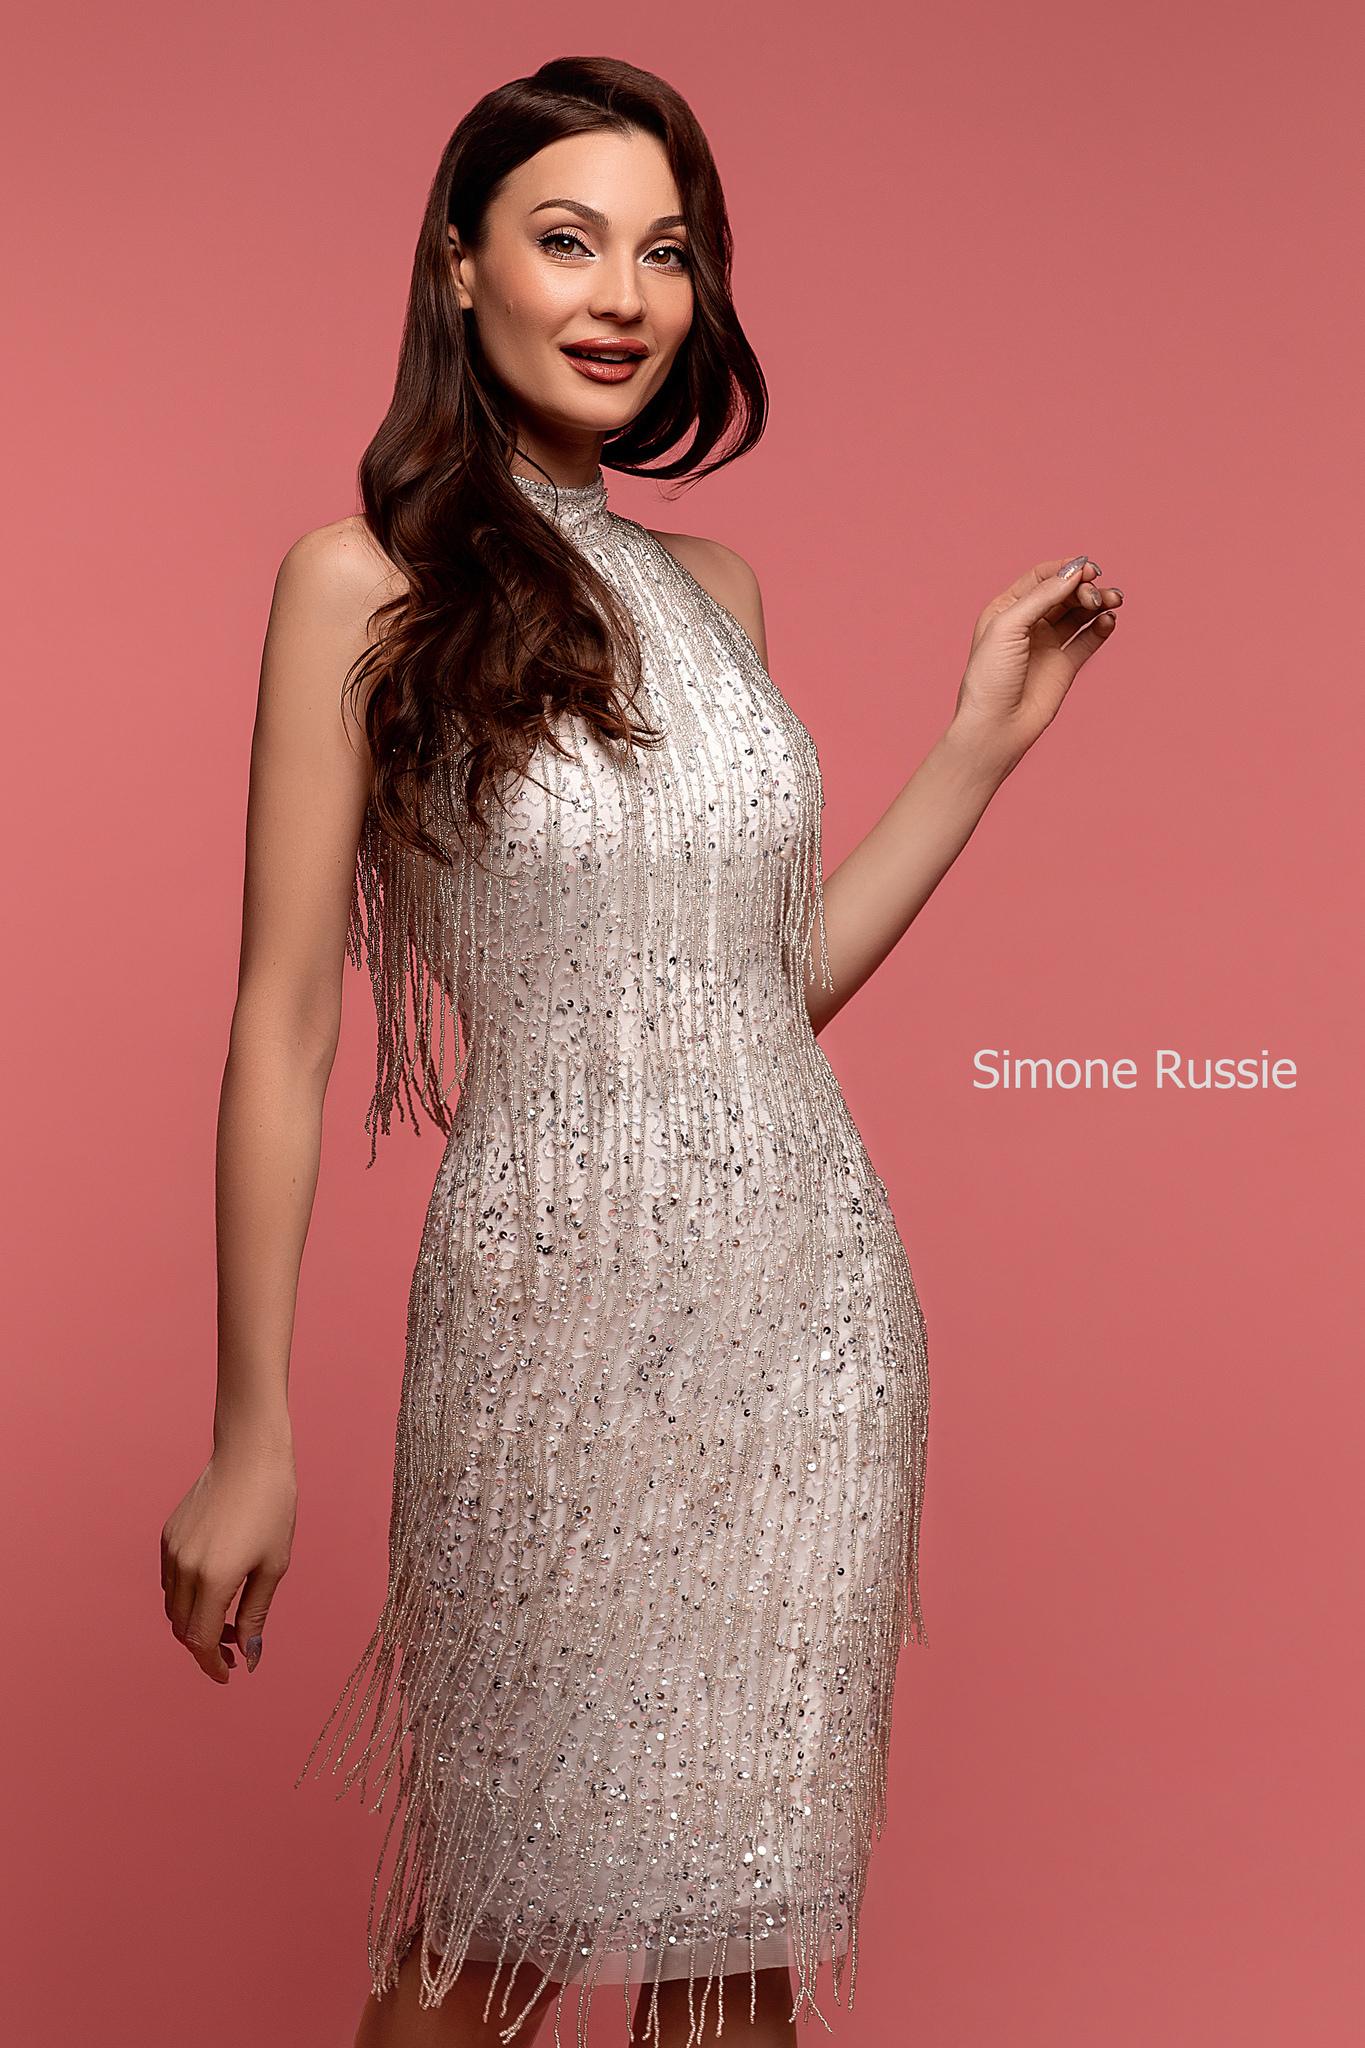 Simone Russie SR1958 Коктейльное платье средней длины с лапшой из бисера